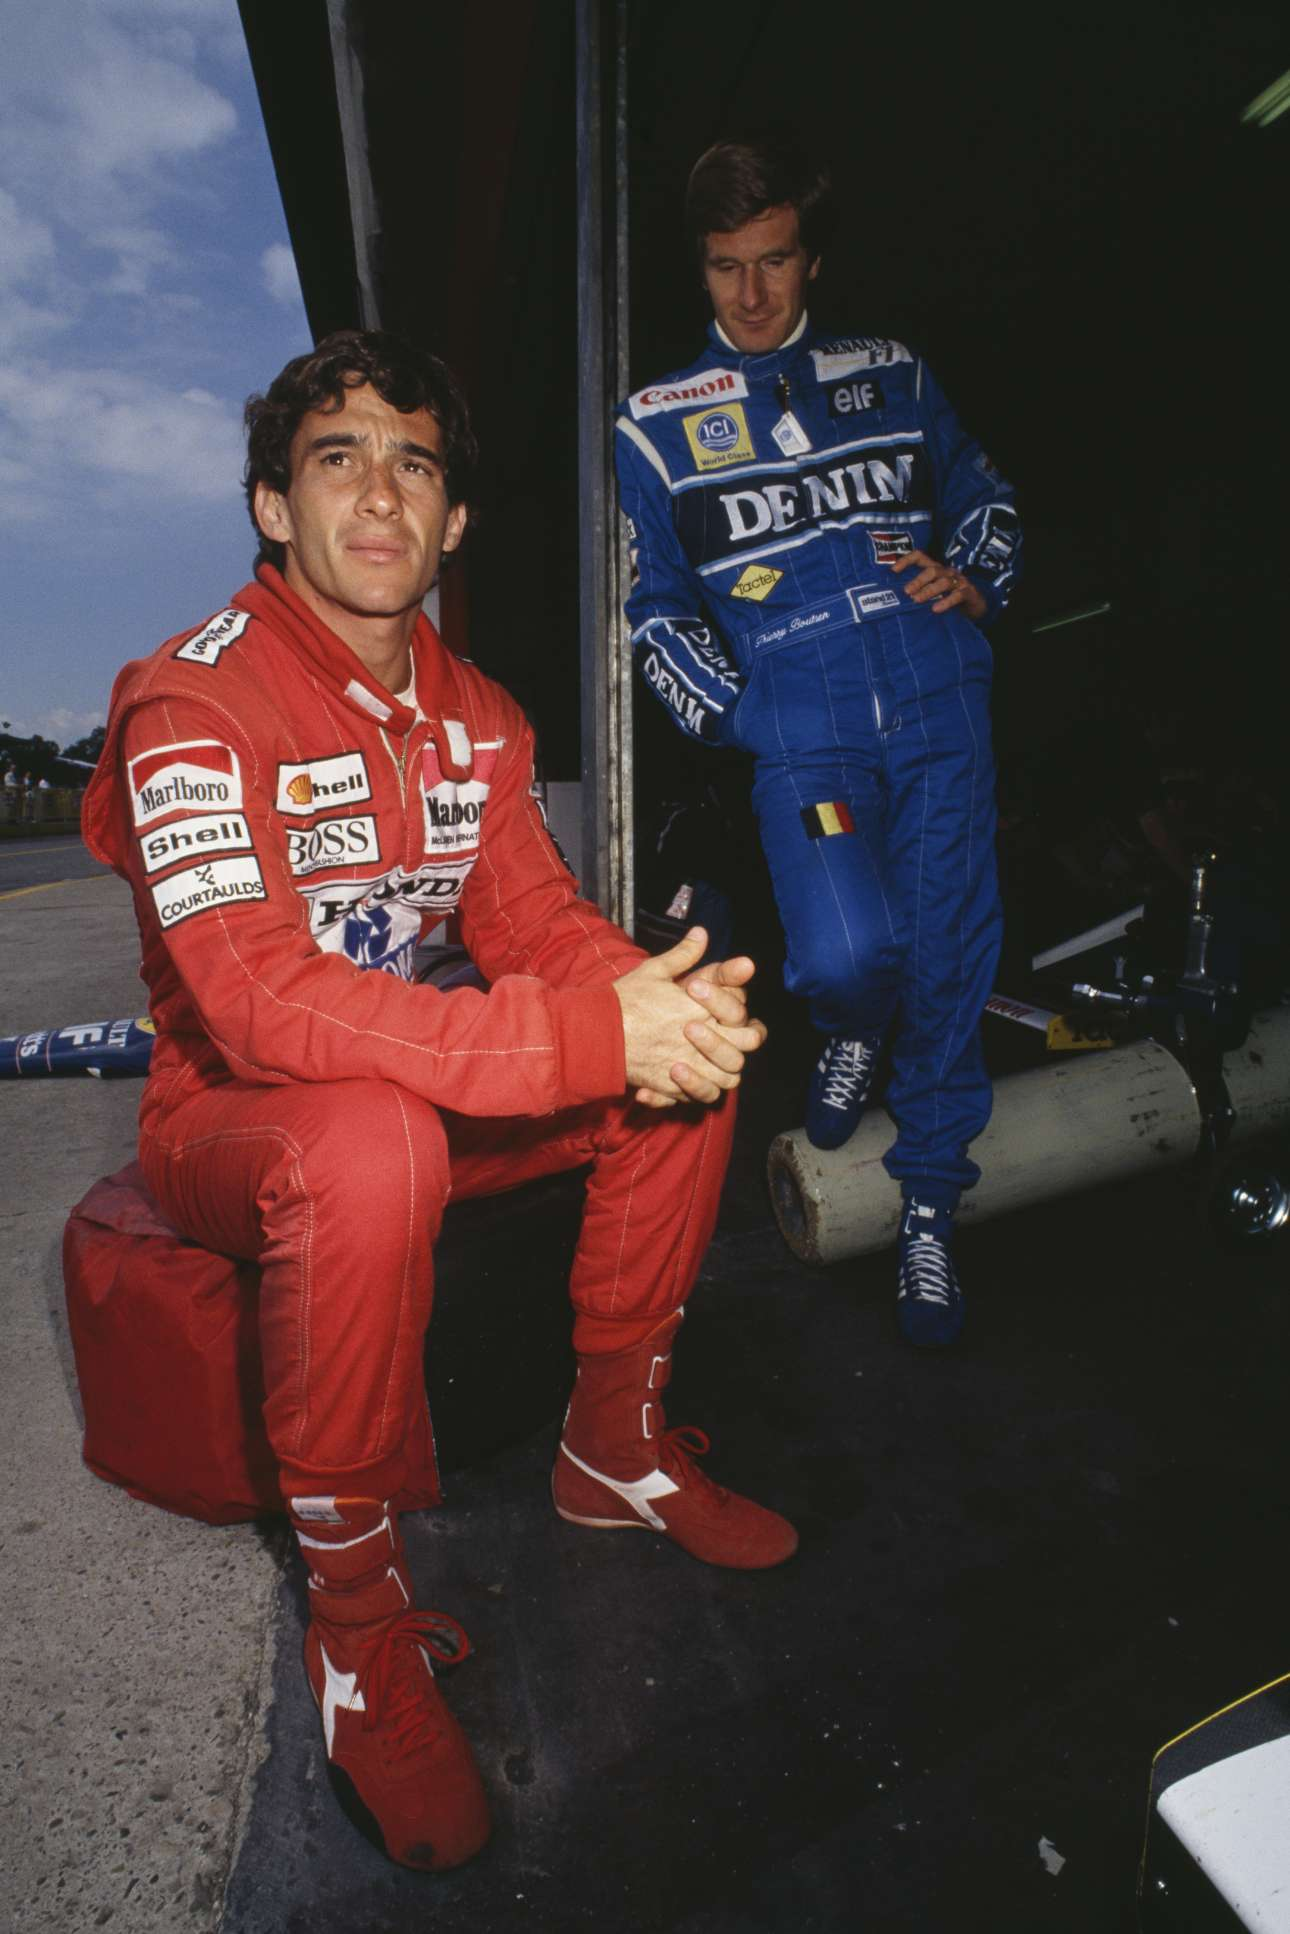 Ιανουάριος 1990. Ο Σένα με τον βέλγο οδηγό Τιερί Μπουτσέν σε δοκιμαστικά στην Ιμολα, εκεί όπου ο σπουδαίος Βραζιλιάνος θα έβρισκε τραγικό θάνατο τέσσερα χρόνια αργότερα